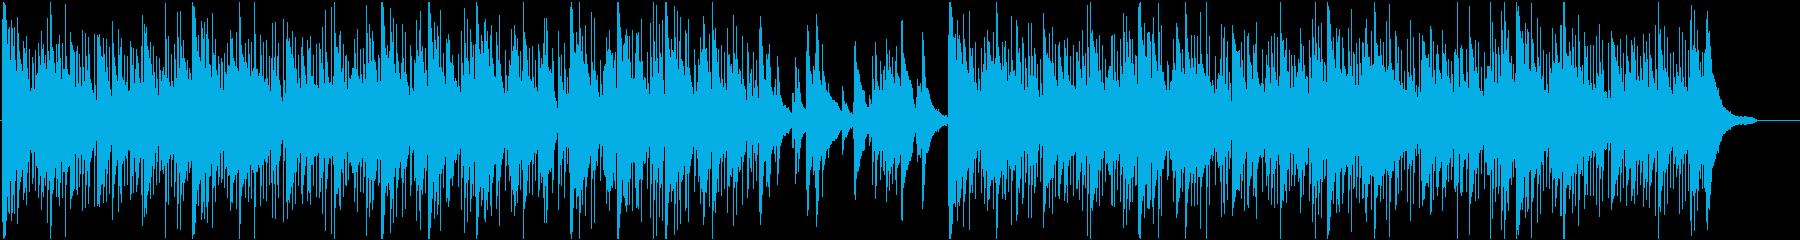 企業イメージPVなどにピアノ曲の再生済みの波形